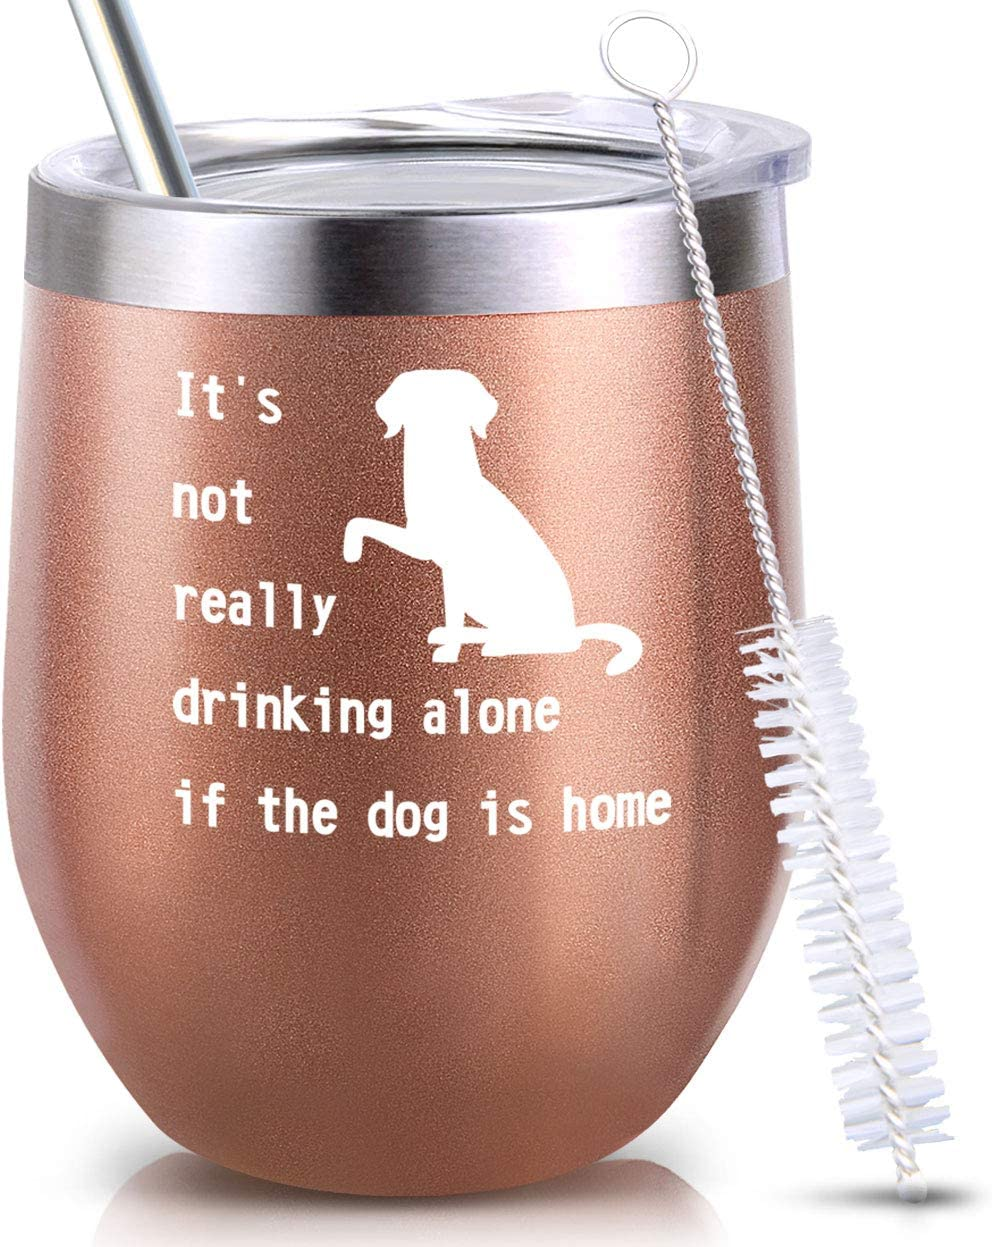 Tumbler Gift for Dog Lover Women Birthda Men Dad Mom Friend Under shopping blast sales Best